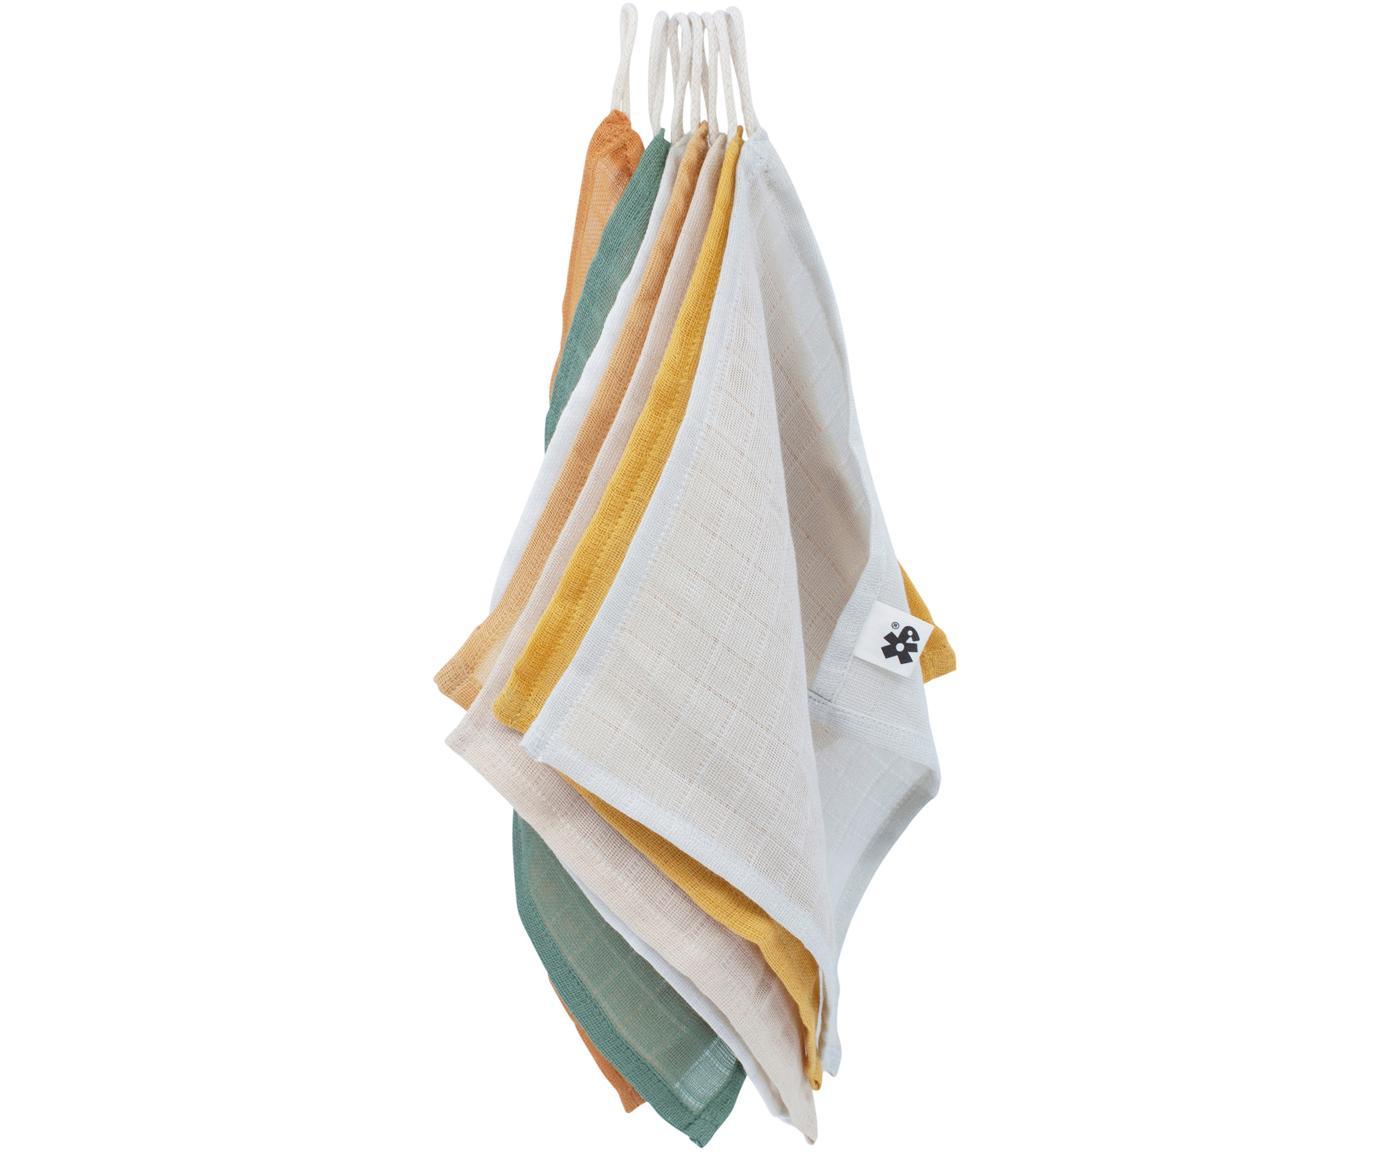 Set de manoplas de baño Marne, 7pzas., Algodón, certificado GOTS, Multicolor, An 20 x L 20 cm